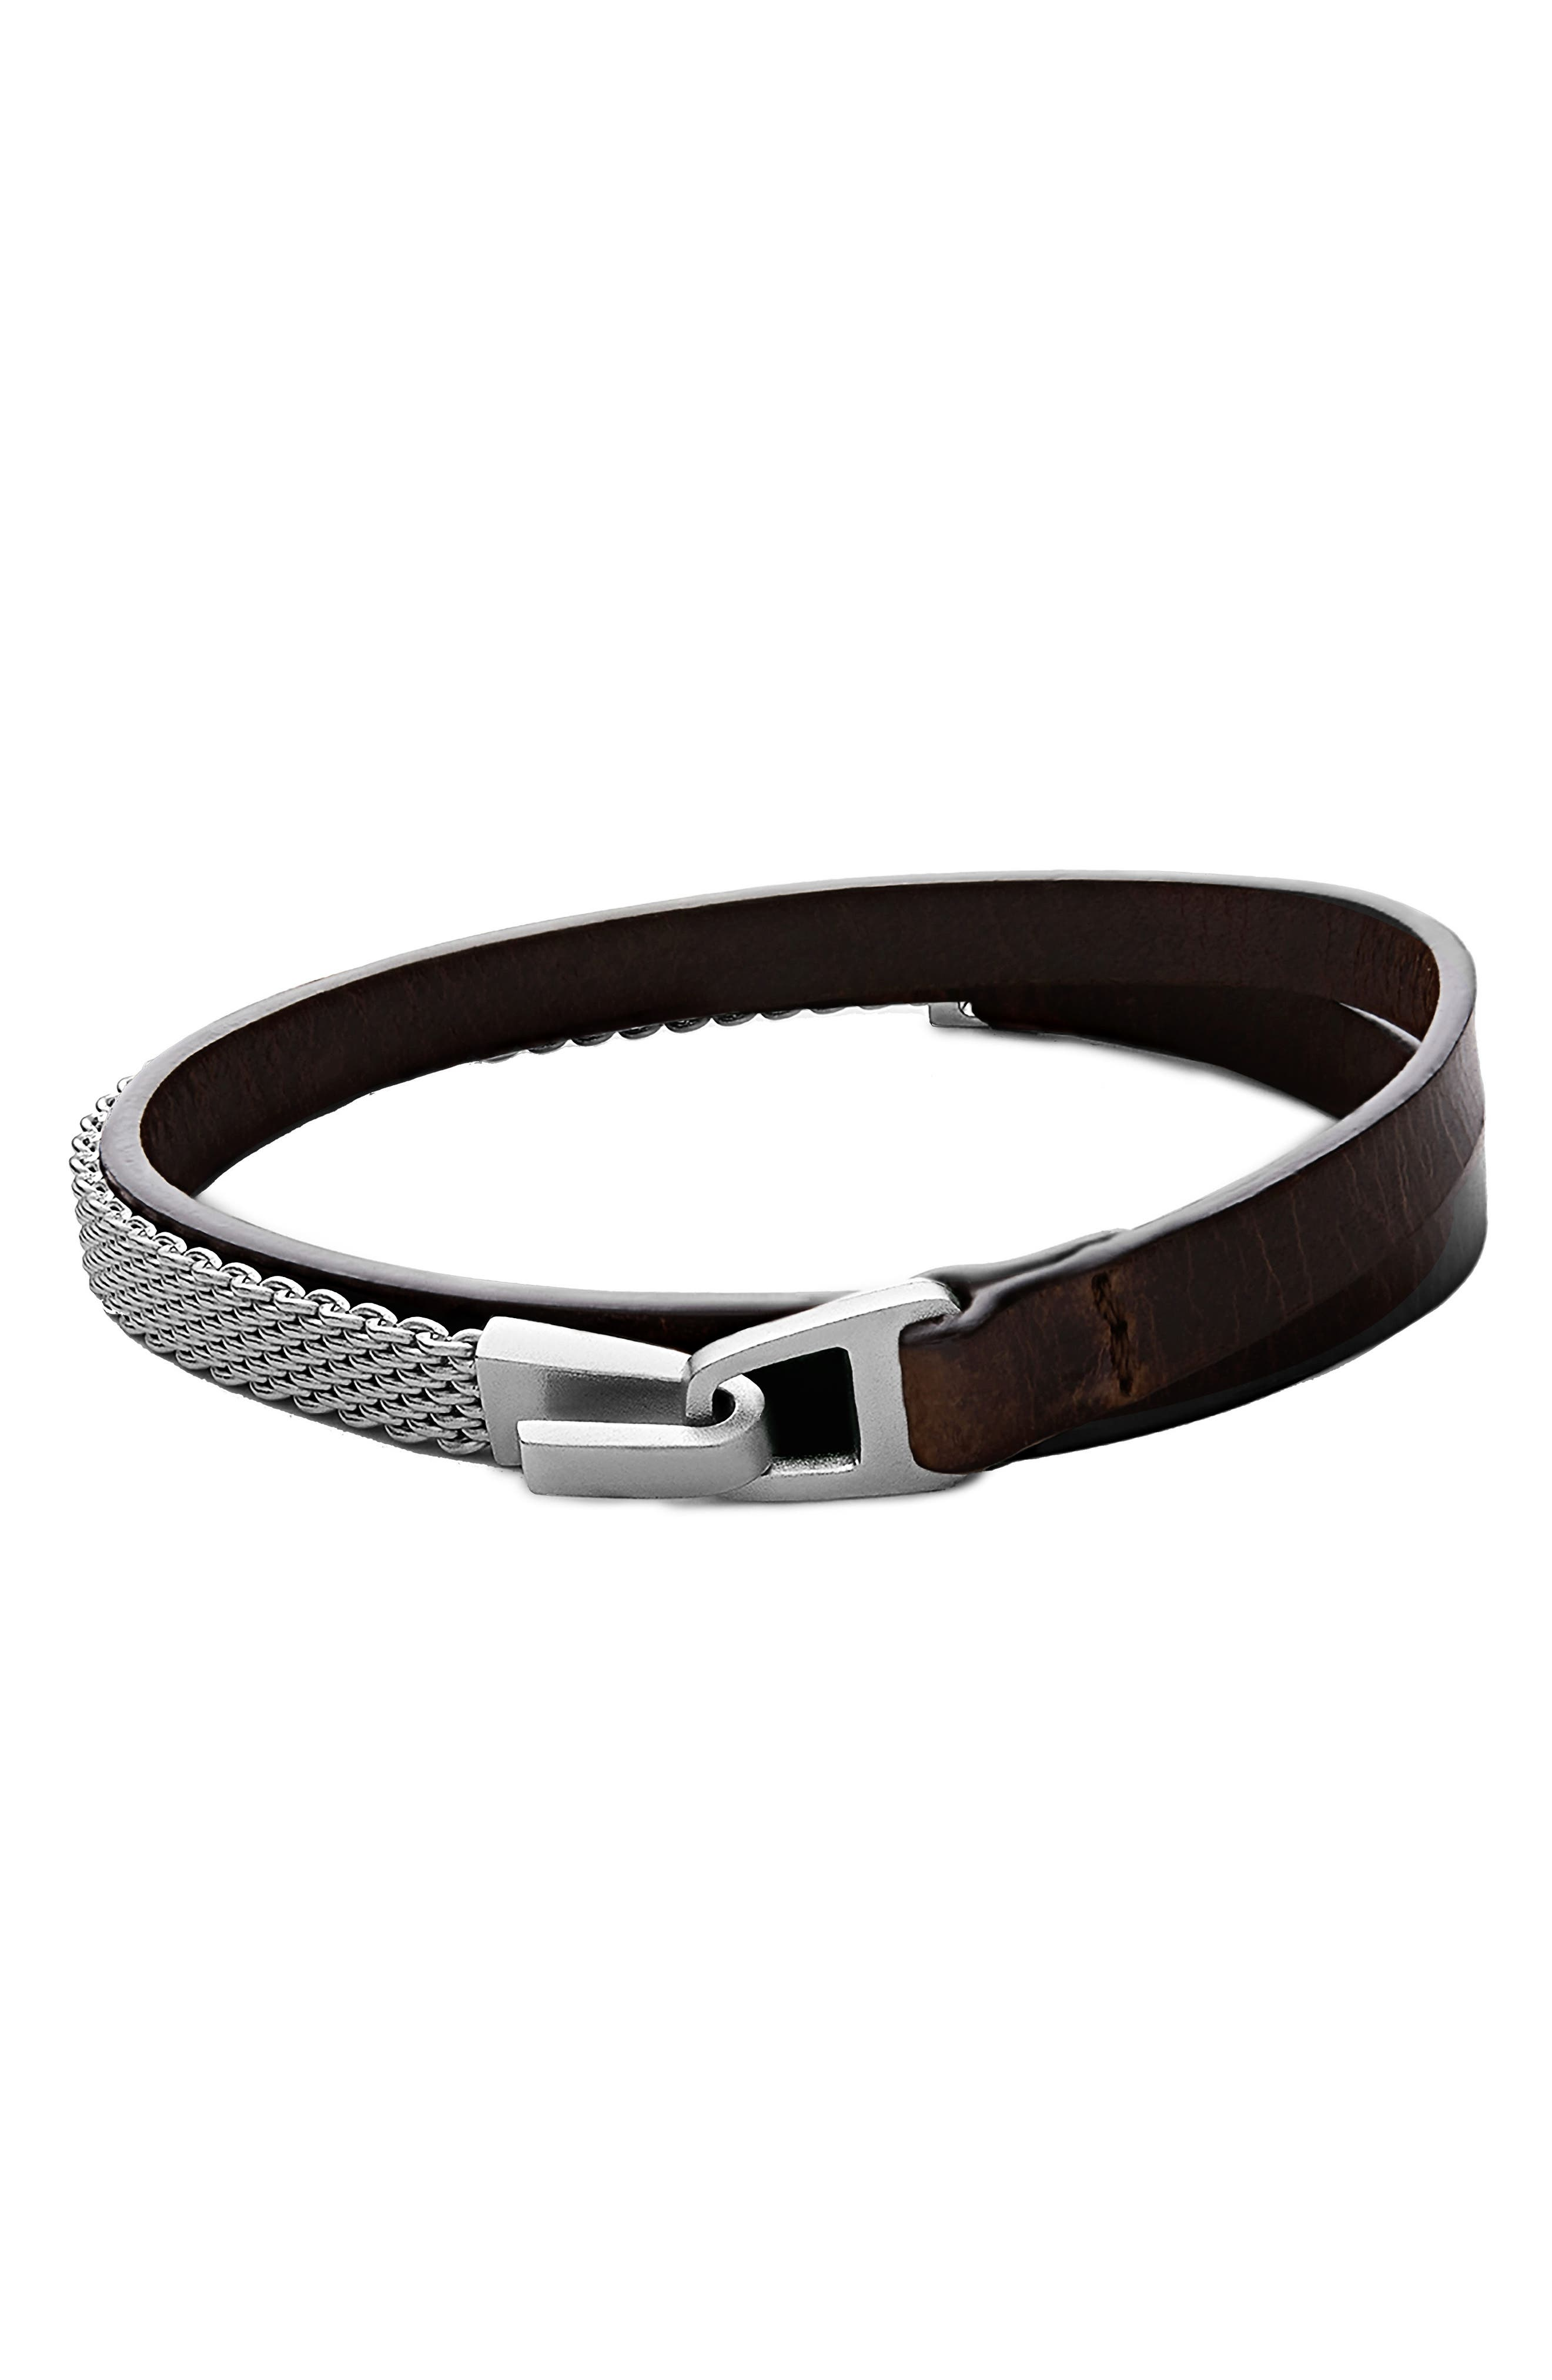 Moore Leather Bracelet,                             Main thumbnail 1, color,                             203